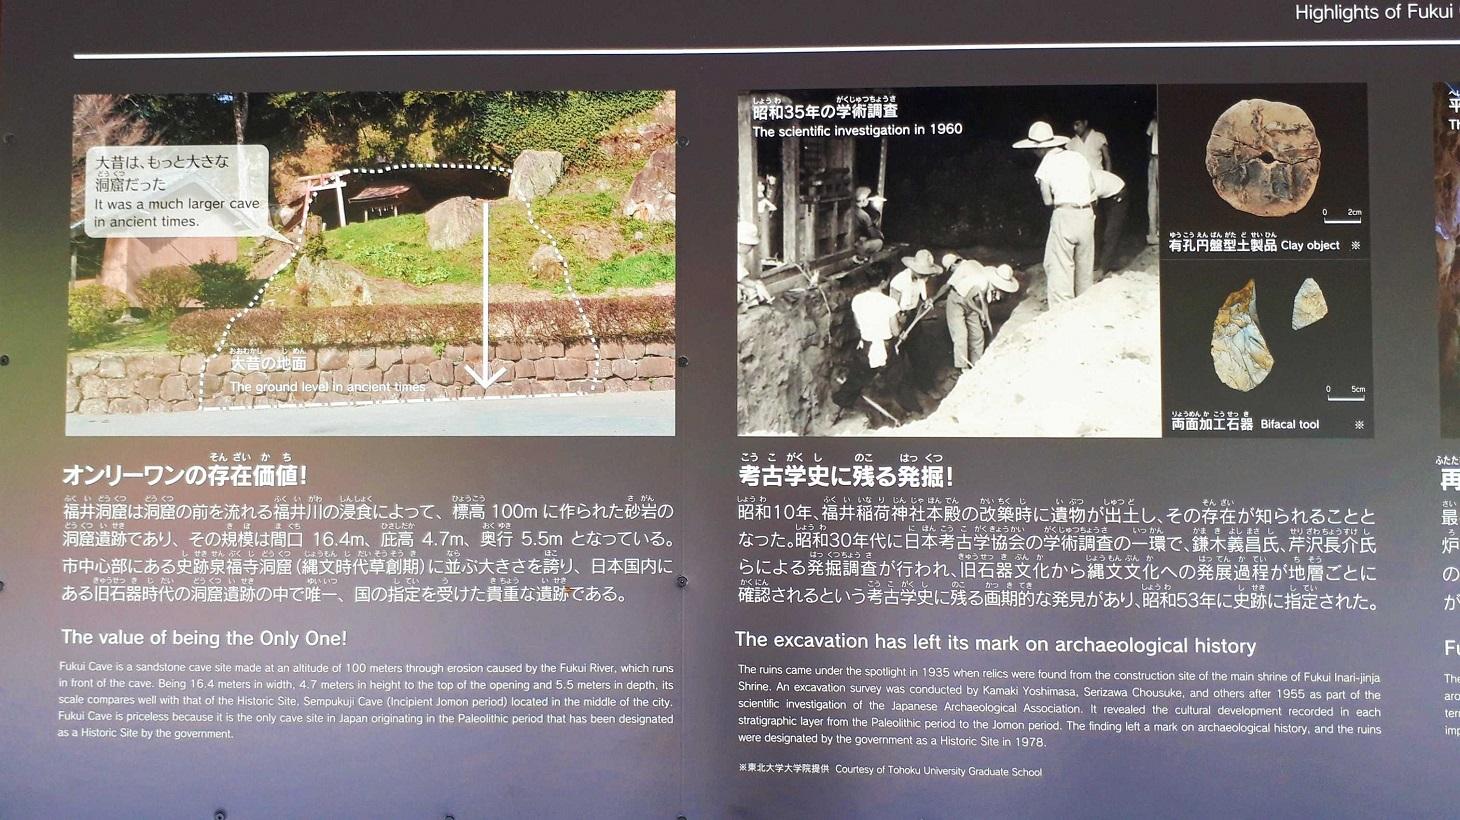 福井洞窟パネル